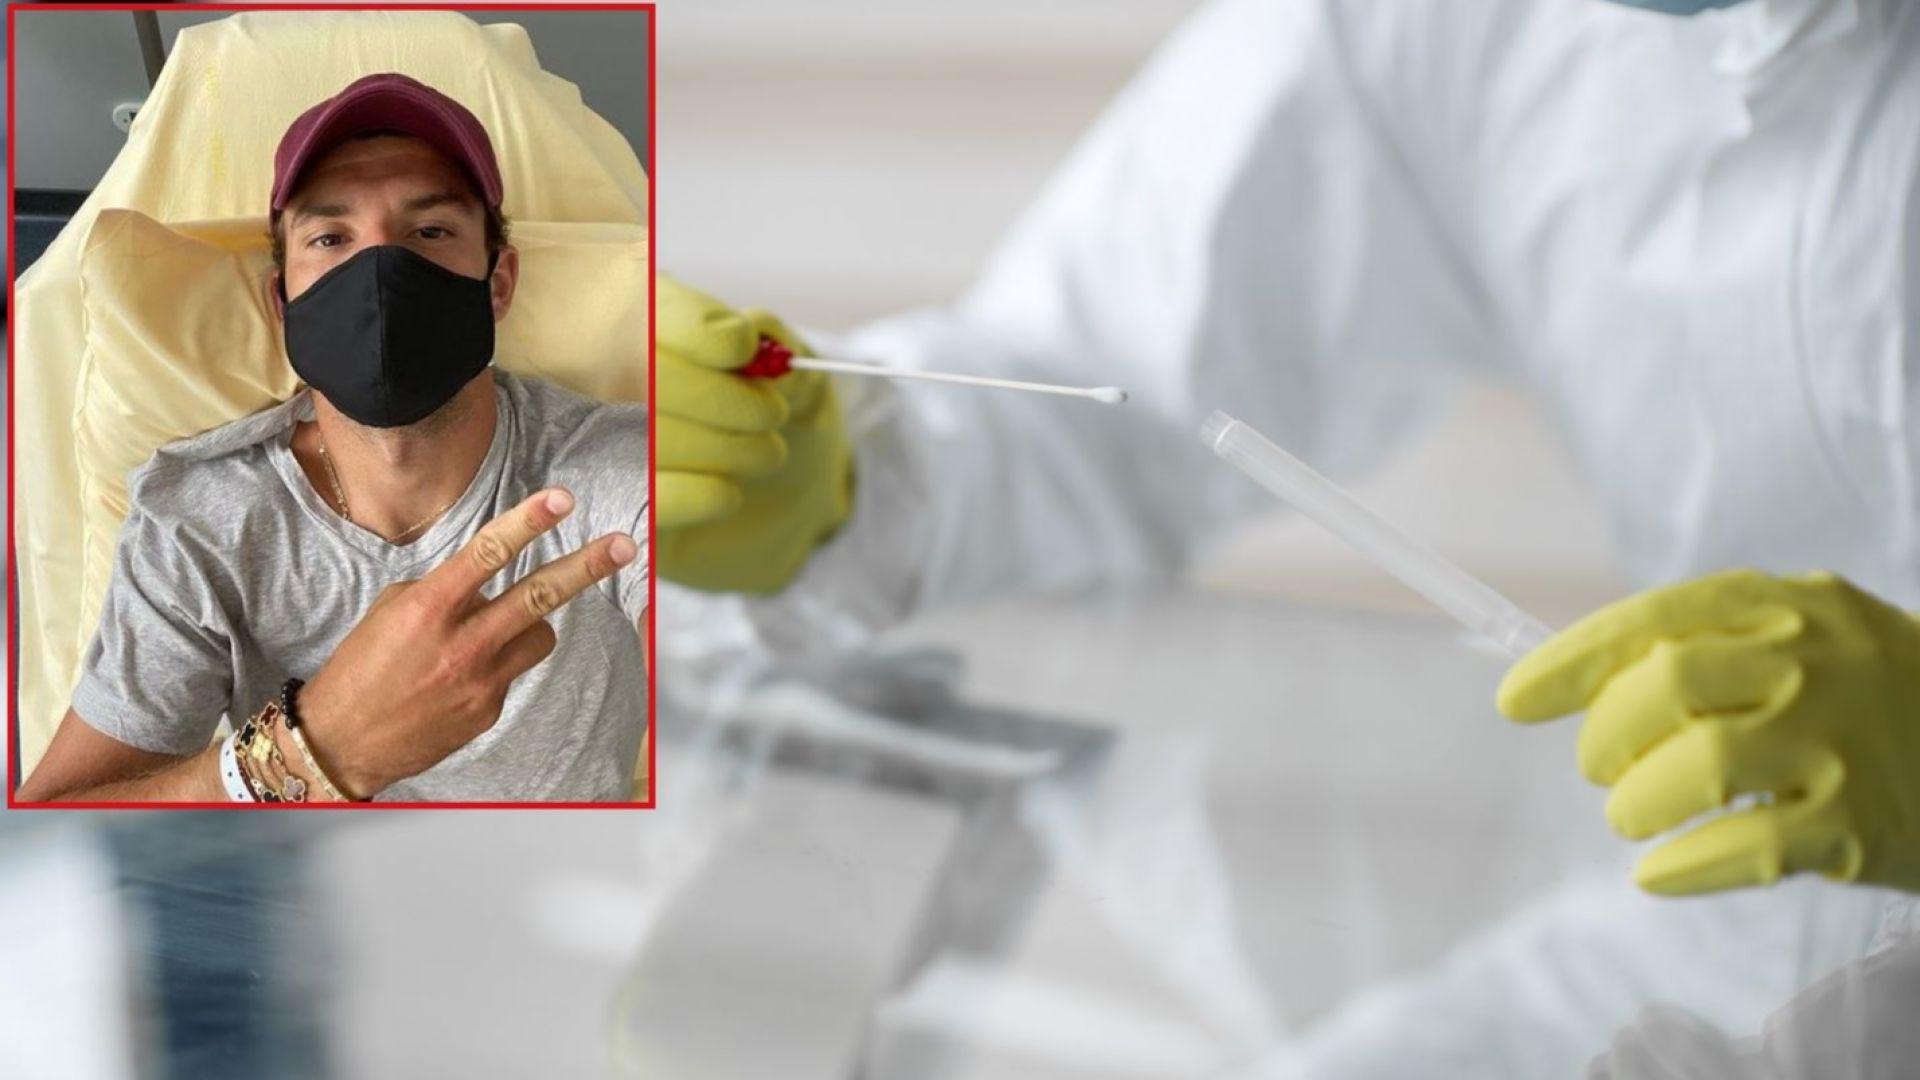 Григор Димитров с положителен тест за коронавирус